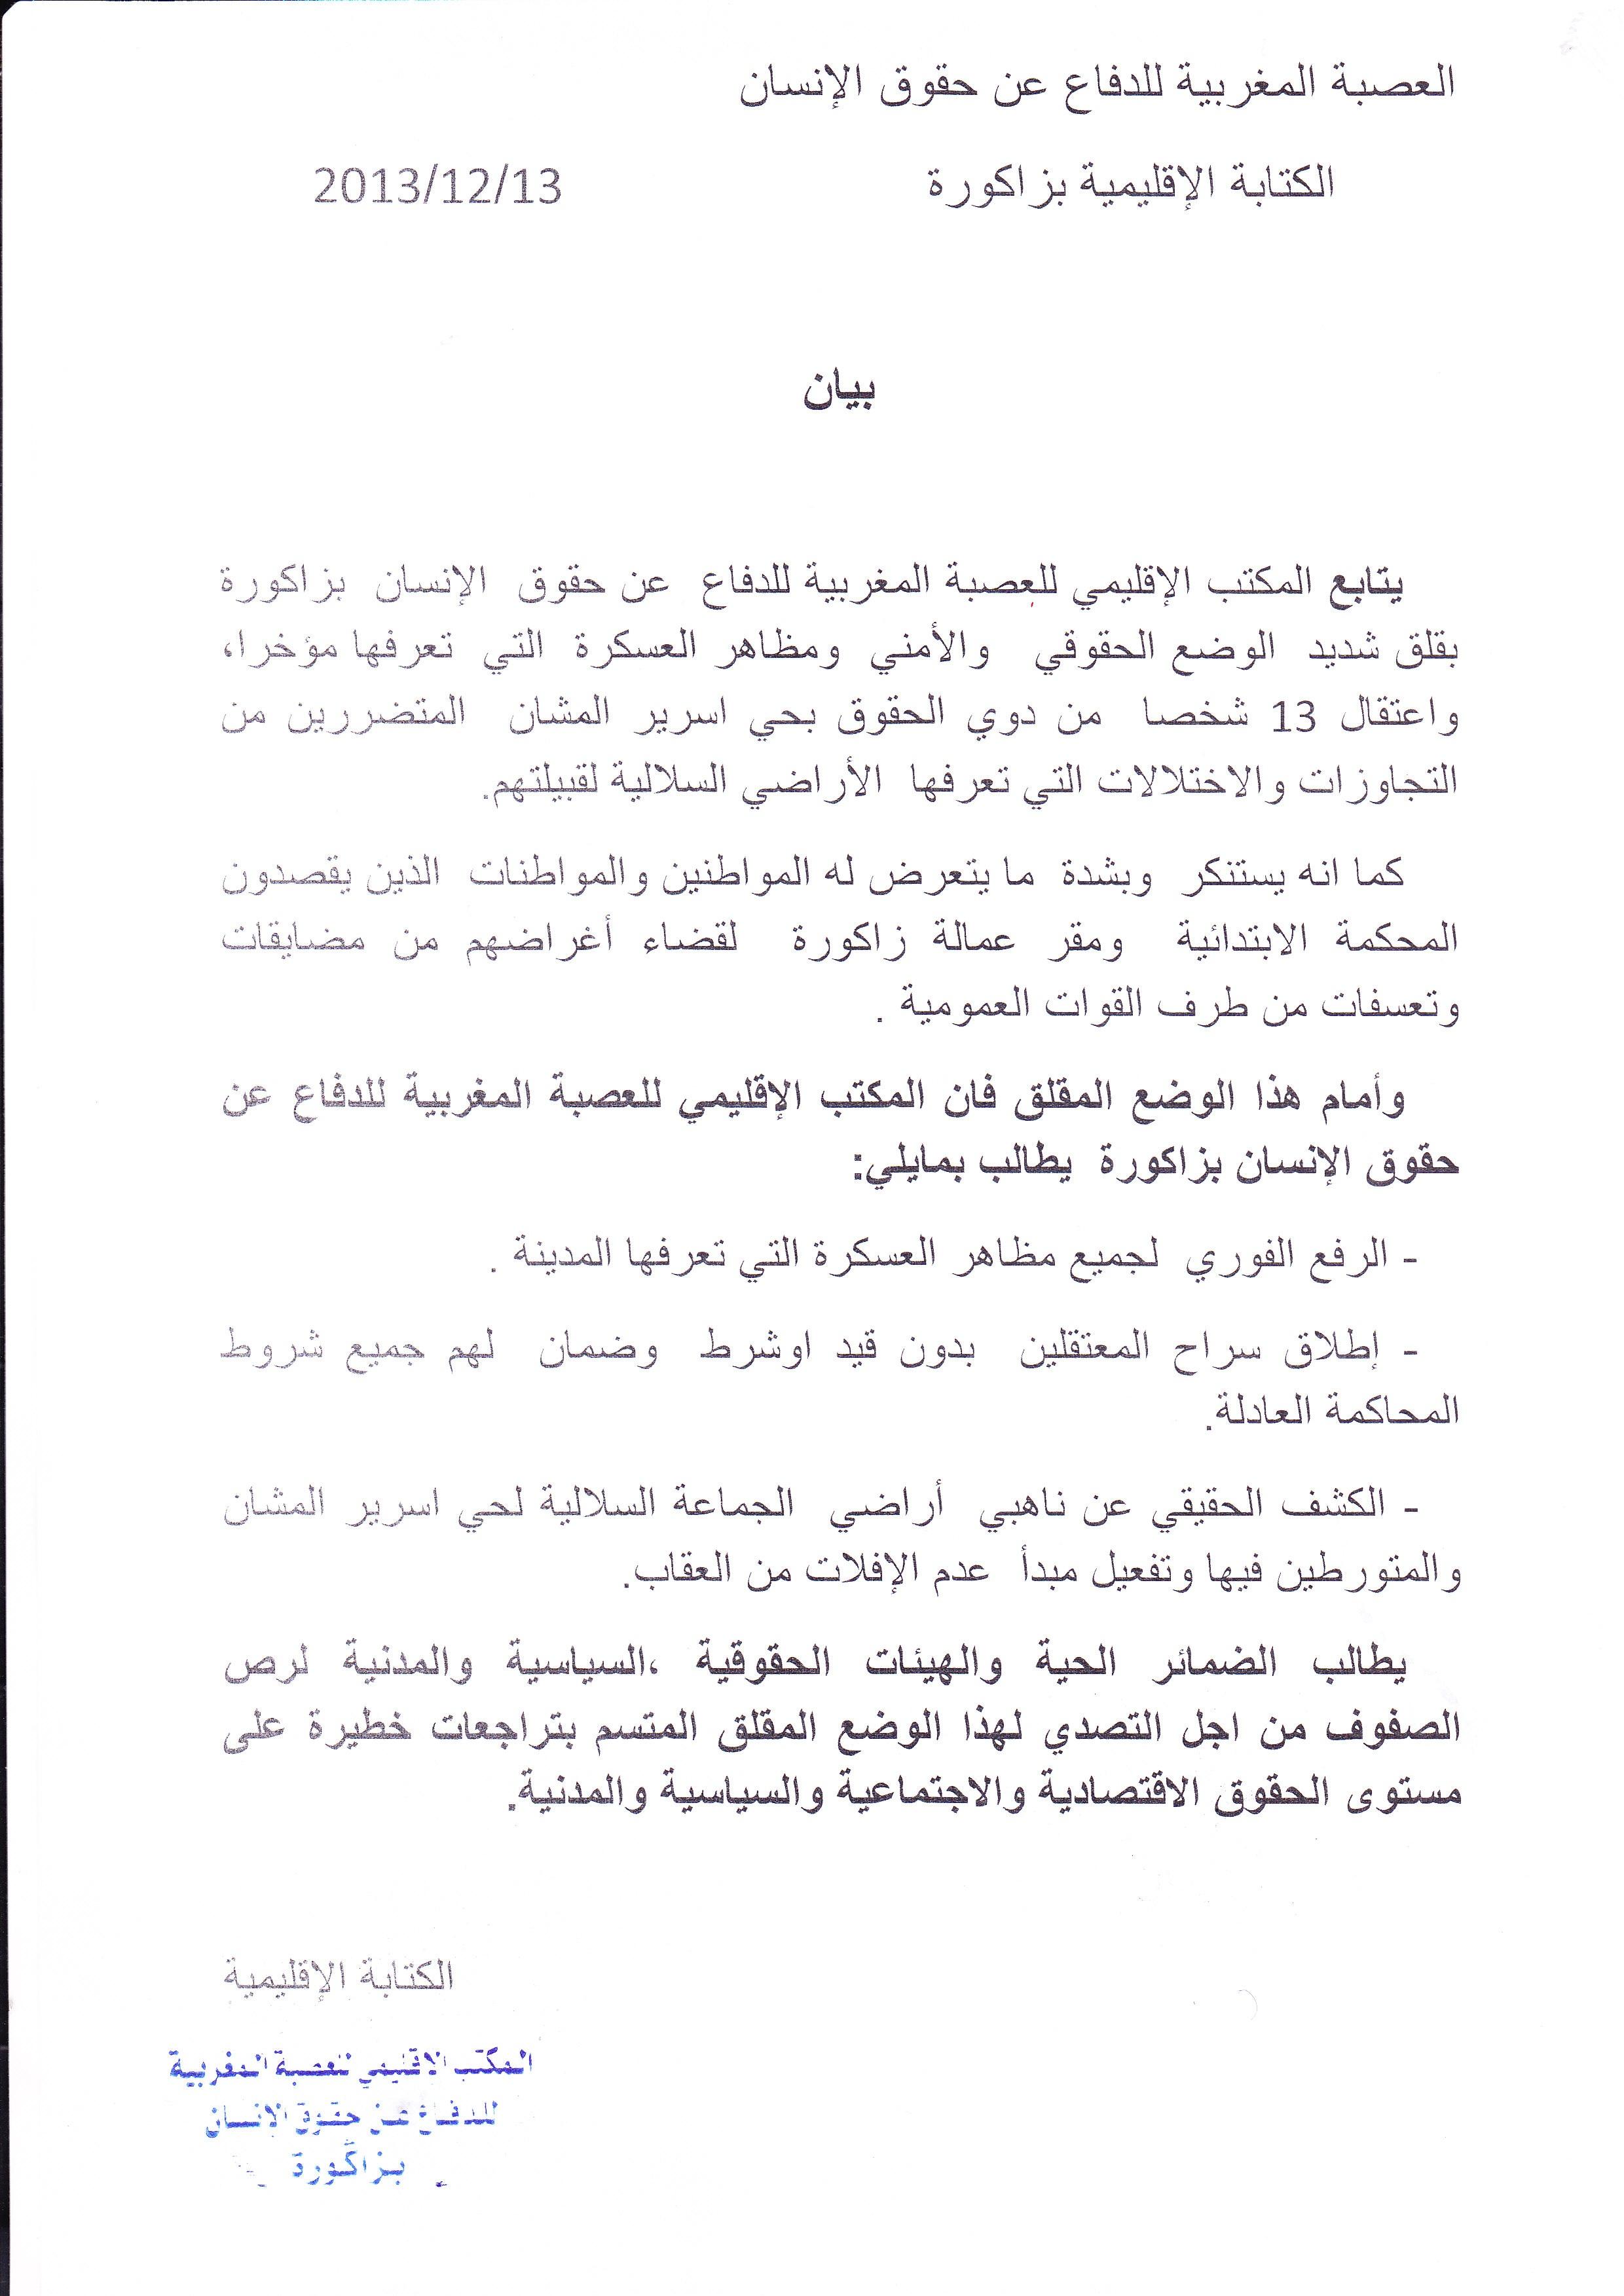 العصبة المغربية للدفاع عن حقوق الإنسان تطالب بإطلاق معتقلي أسرير